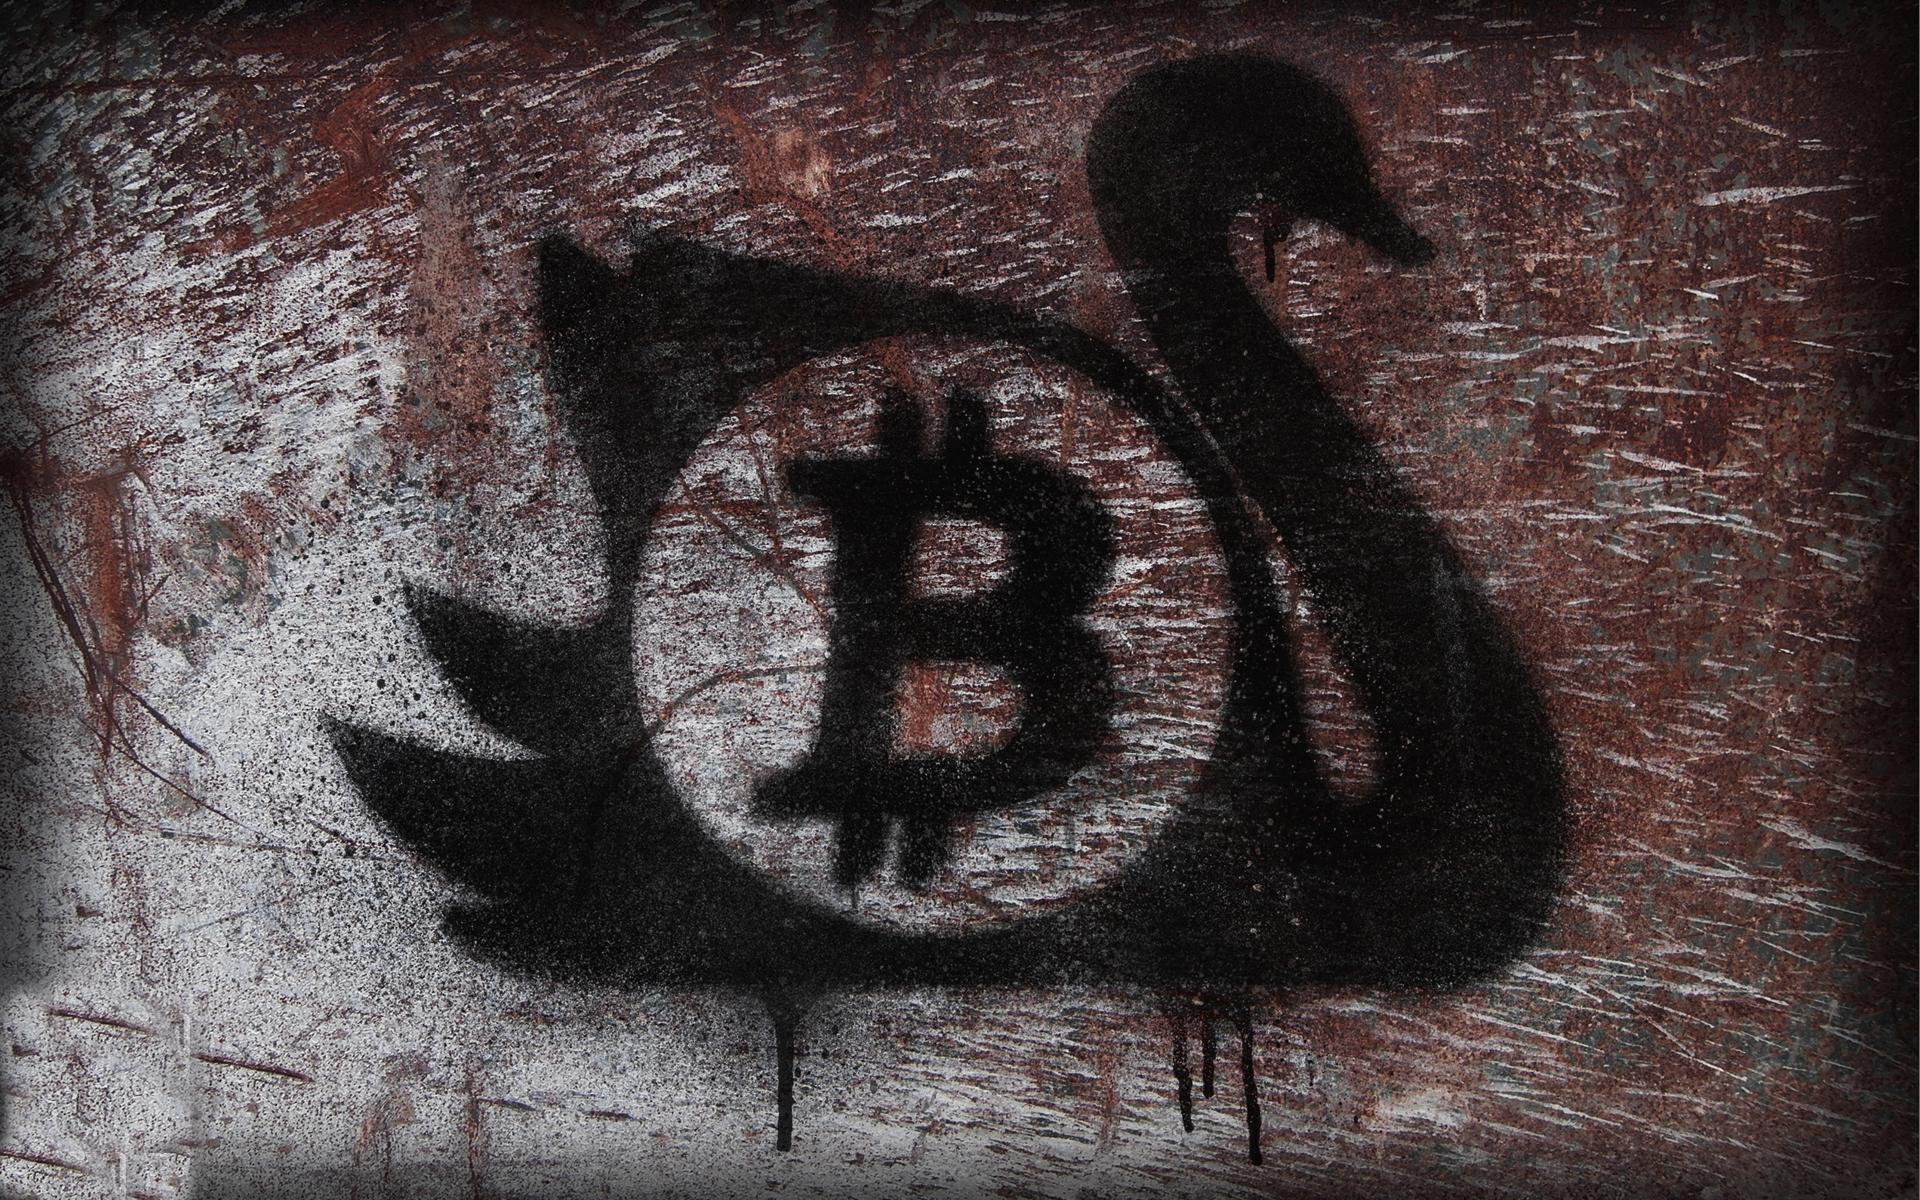 bitcoin felaket bitmex sonrasi siradaki hedef tether ise ne yasanir